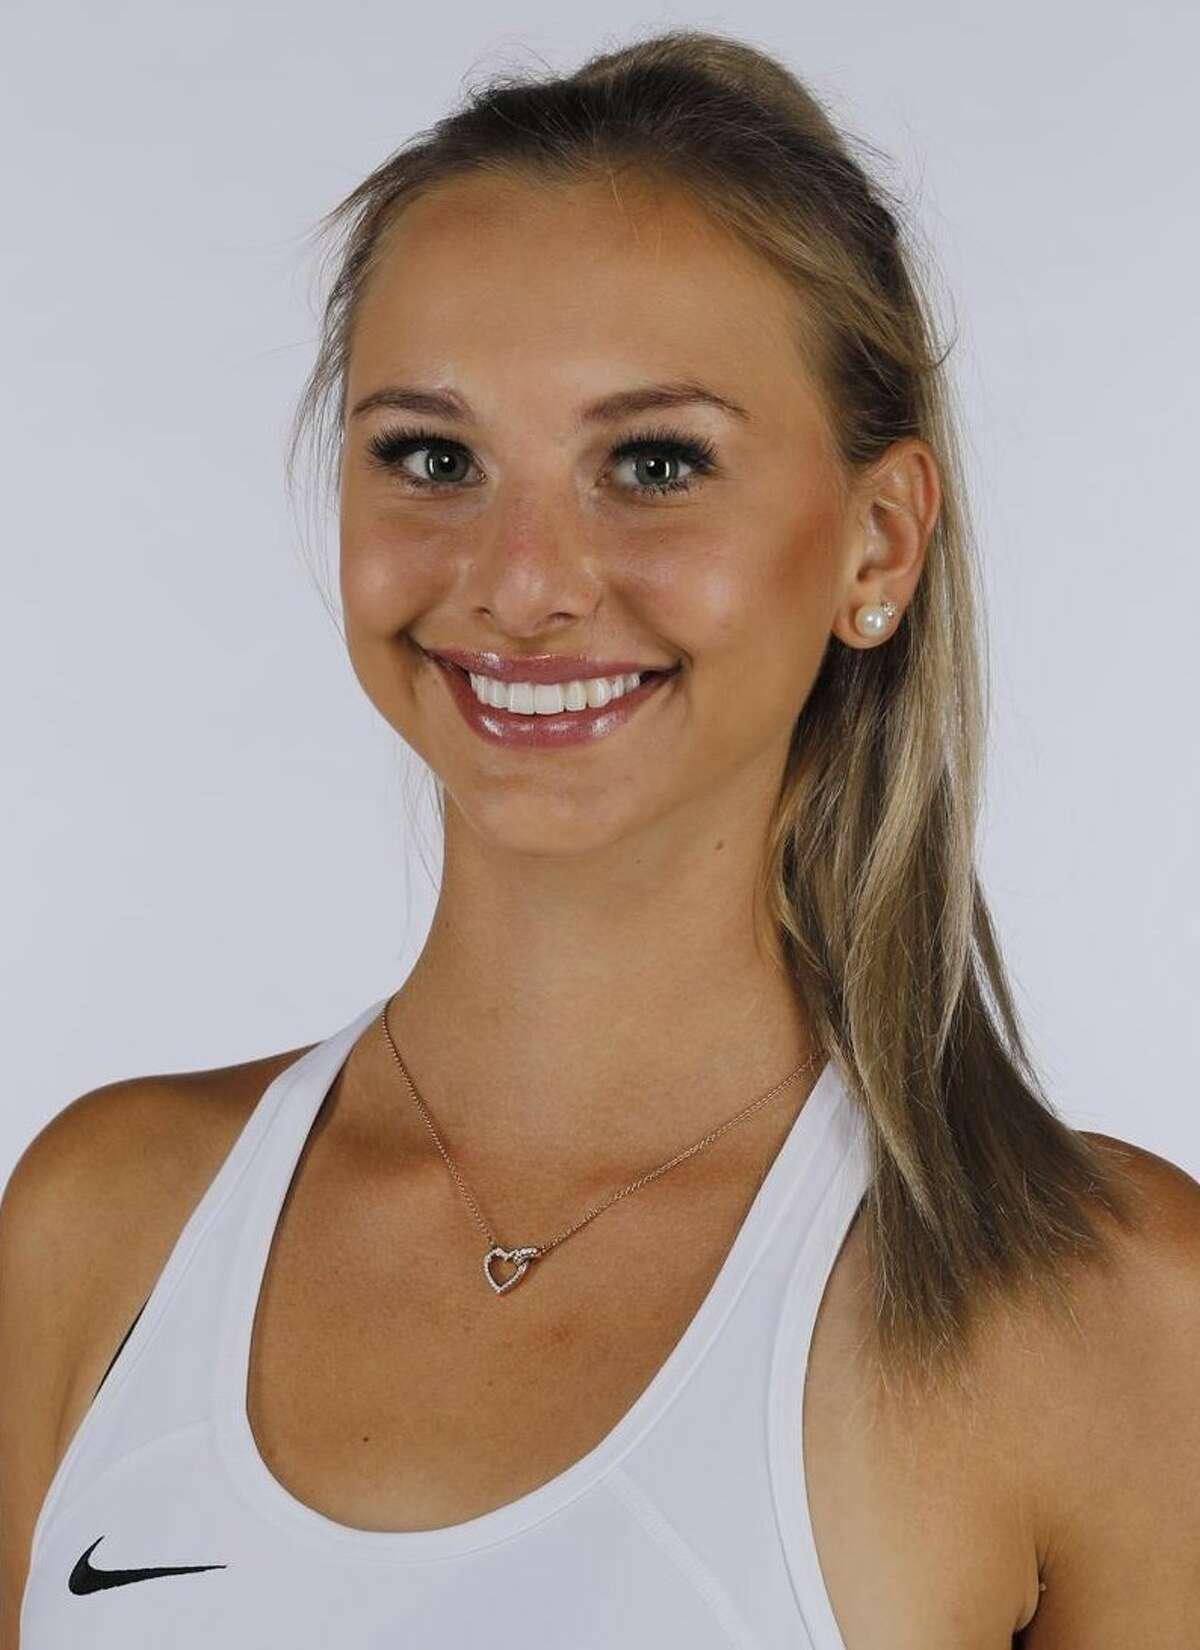 Stephanie Belovukovic is a sophomore on UH's women's tennis team.